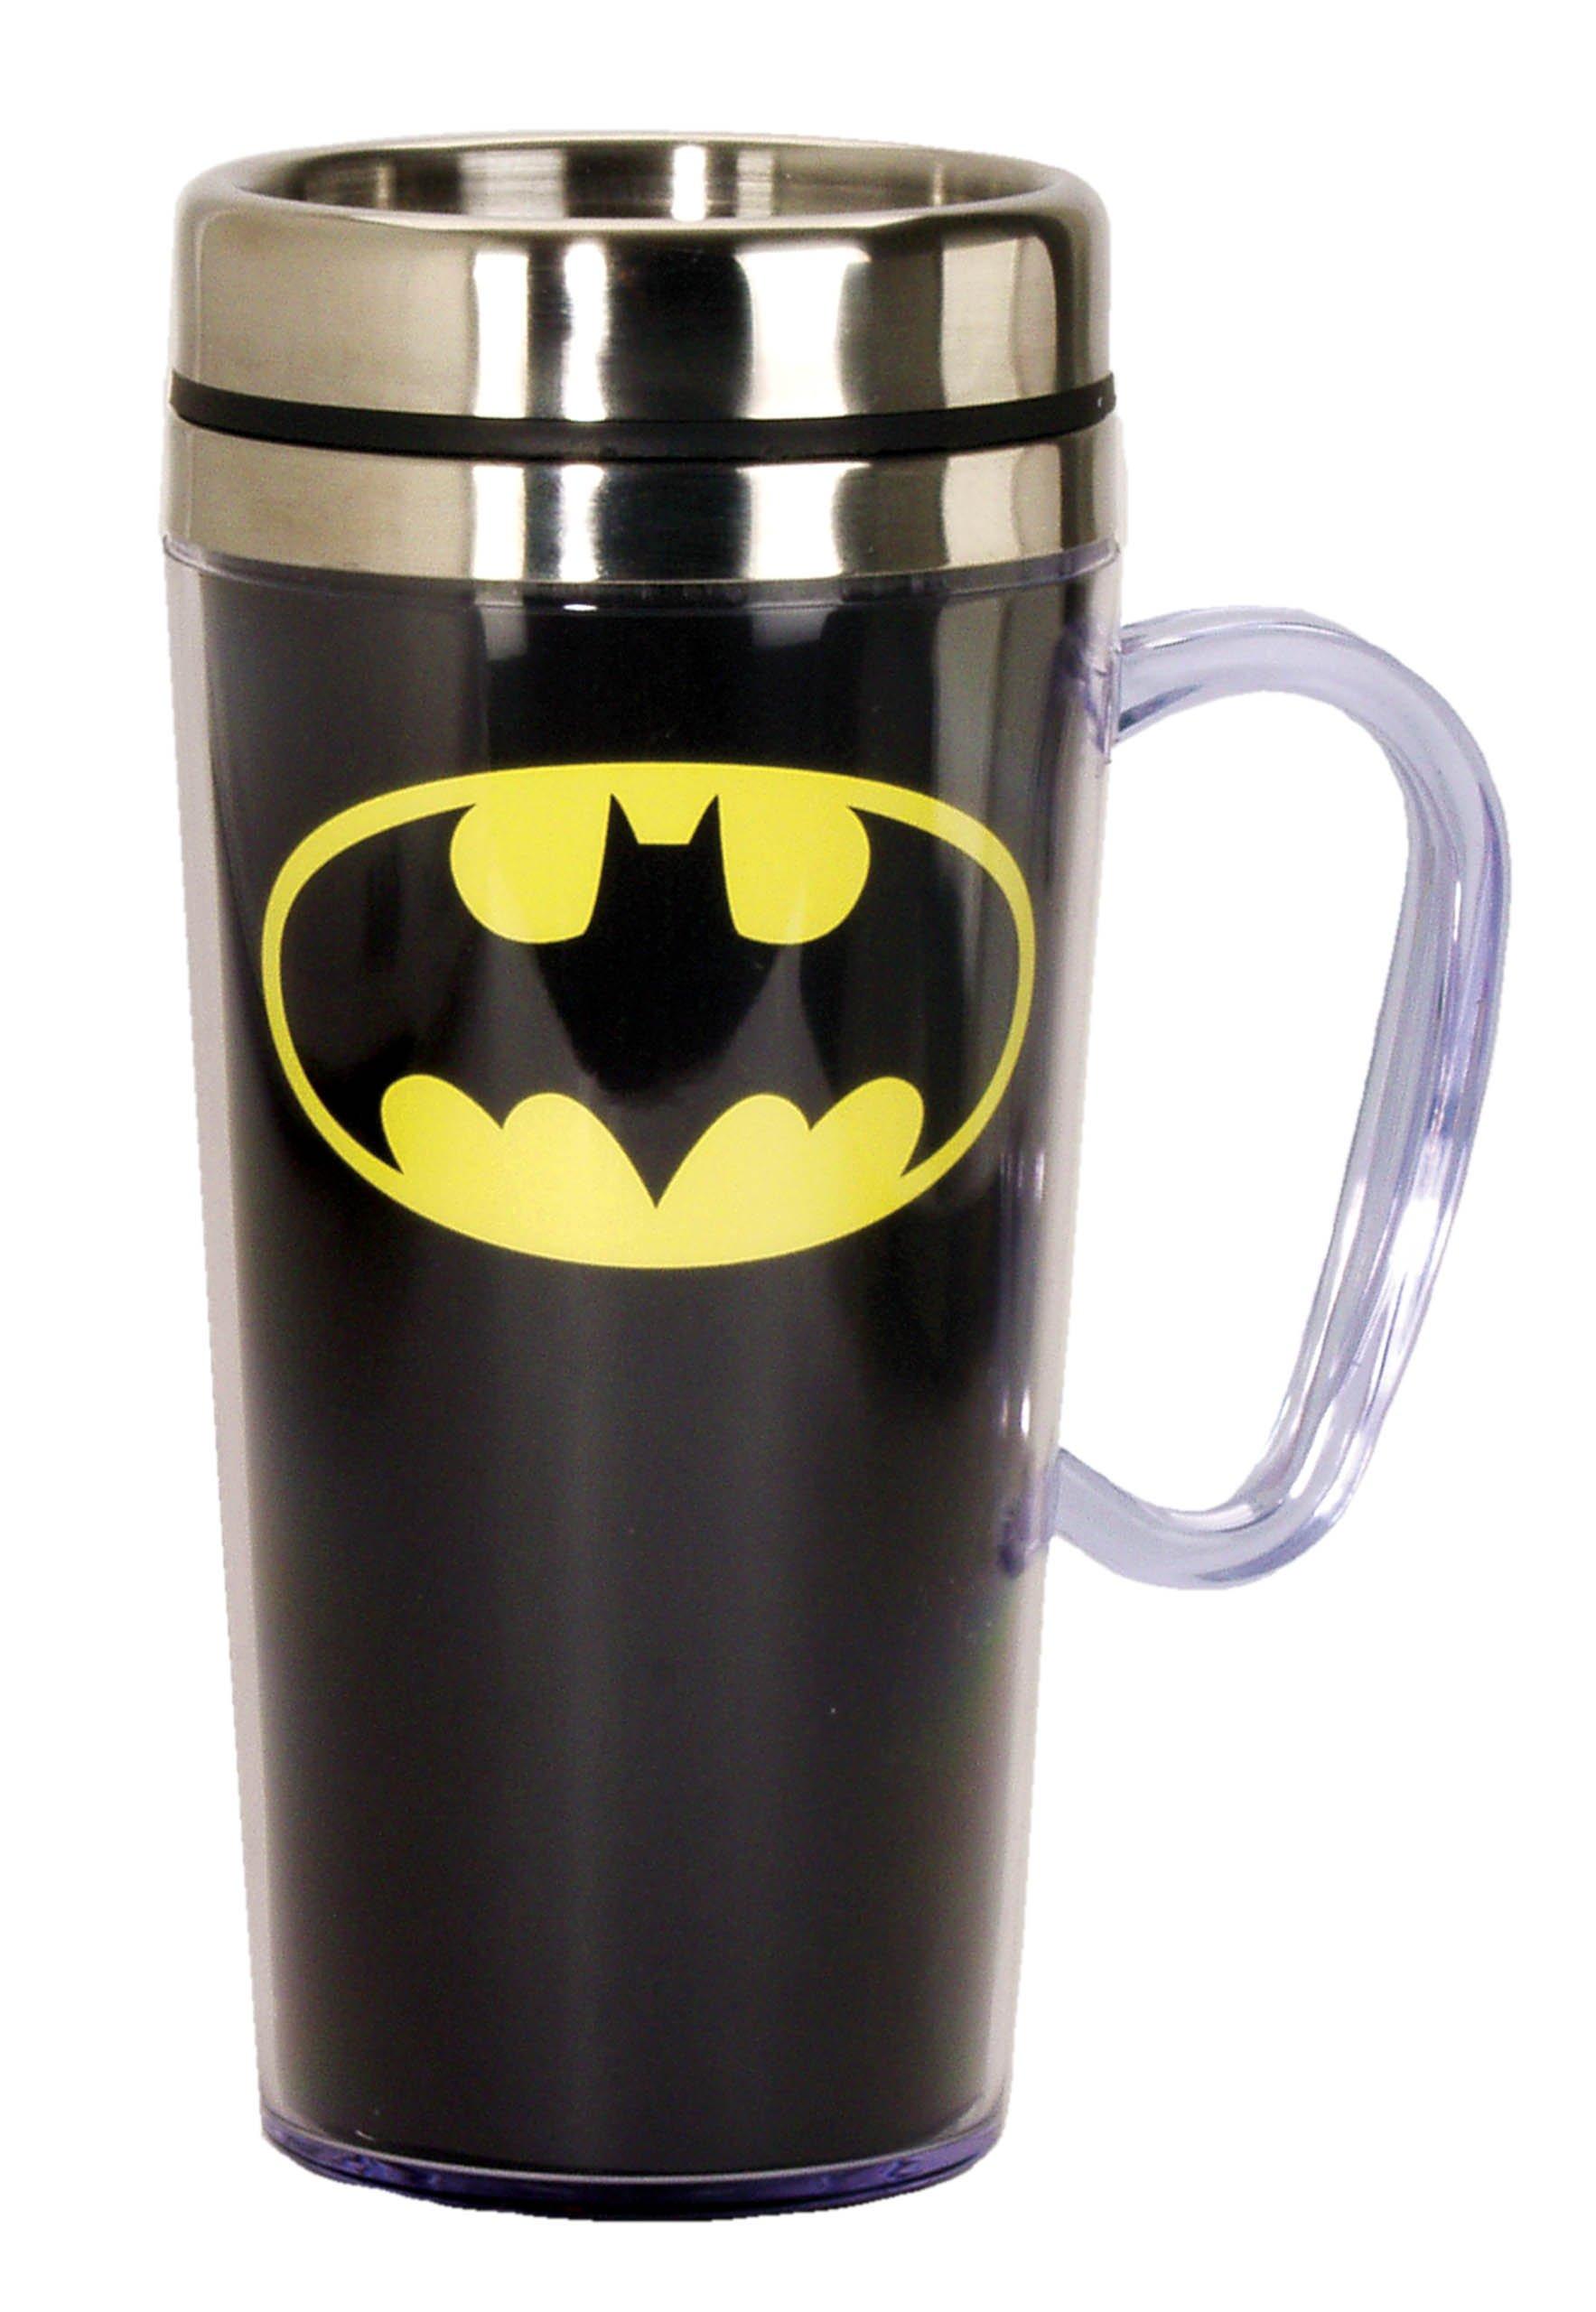 DC Comics Batman Logo Insulated Travel Mug, 15 ounces, Black